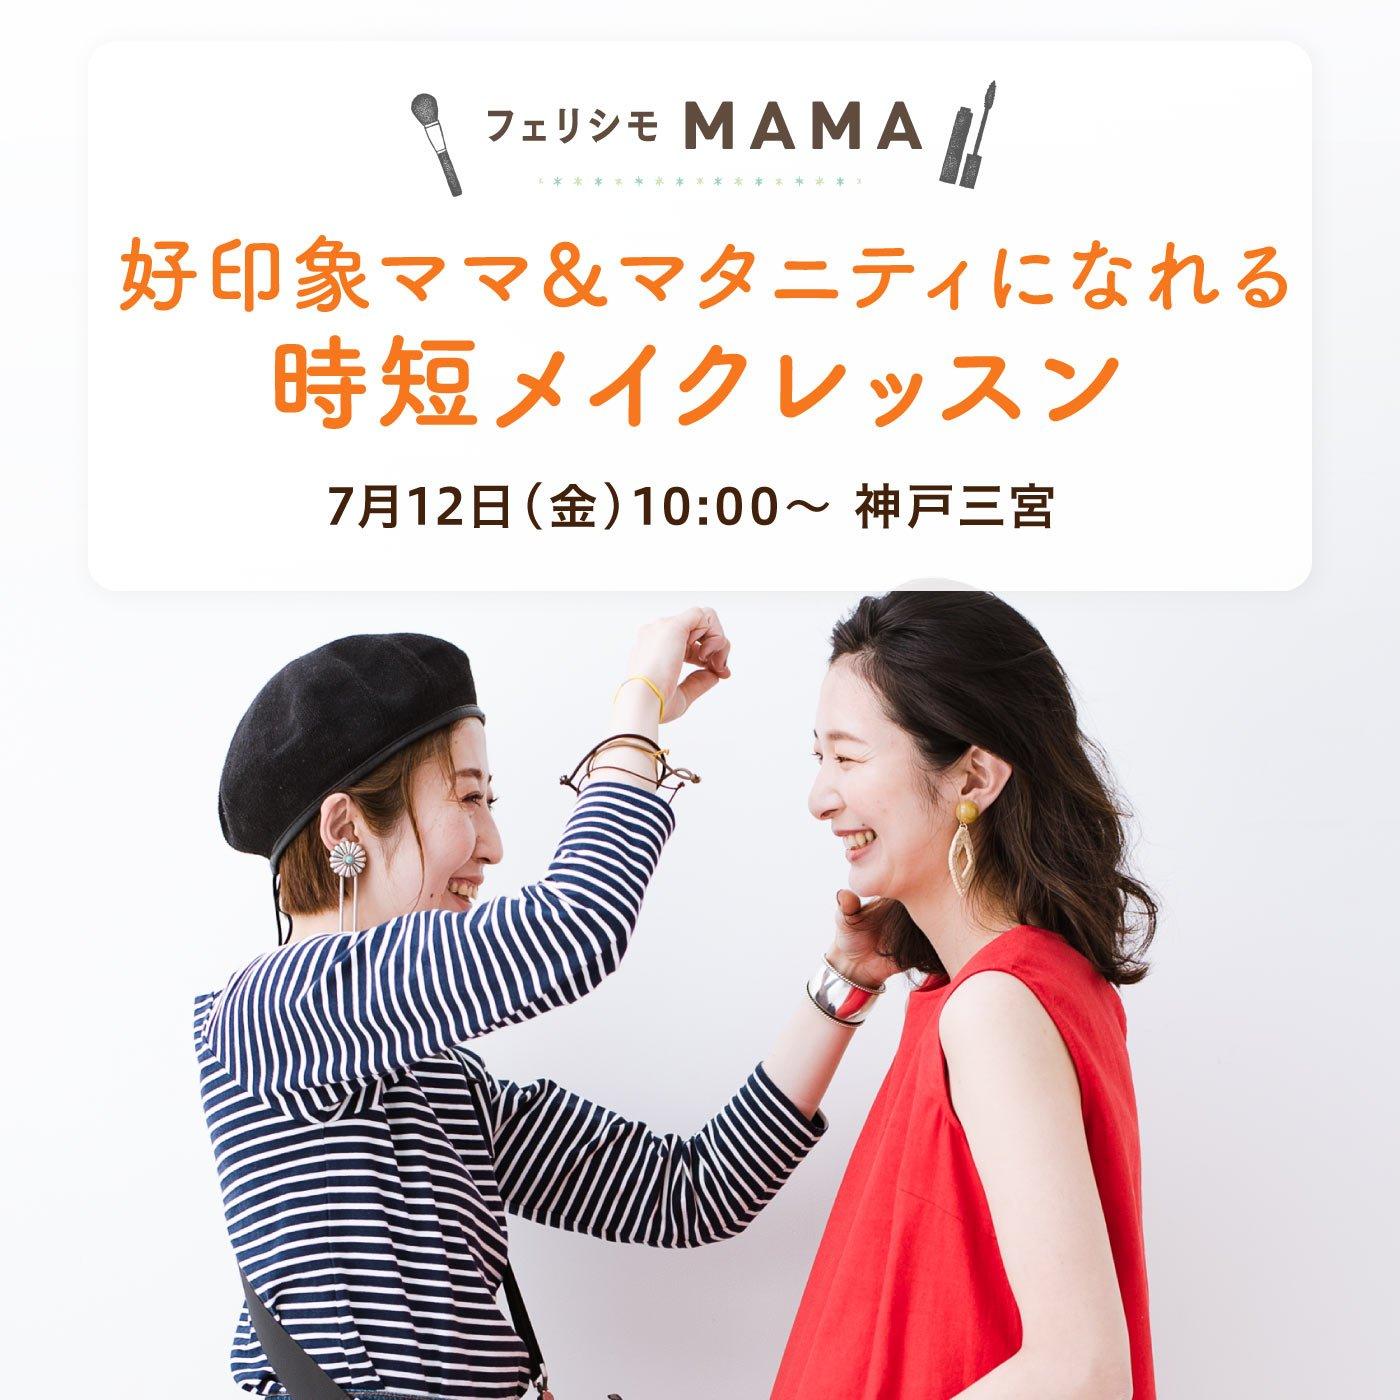 〈フェリシモMAMA〉2019年7月12日(金)疲れ顔にサヨナラ!好印象ママ&マタニティになれる時短メイクレッスン